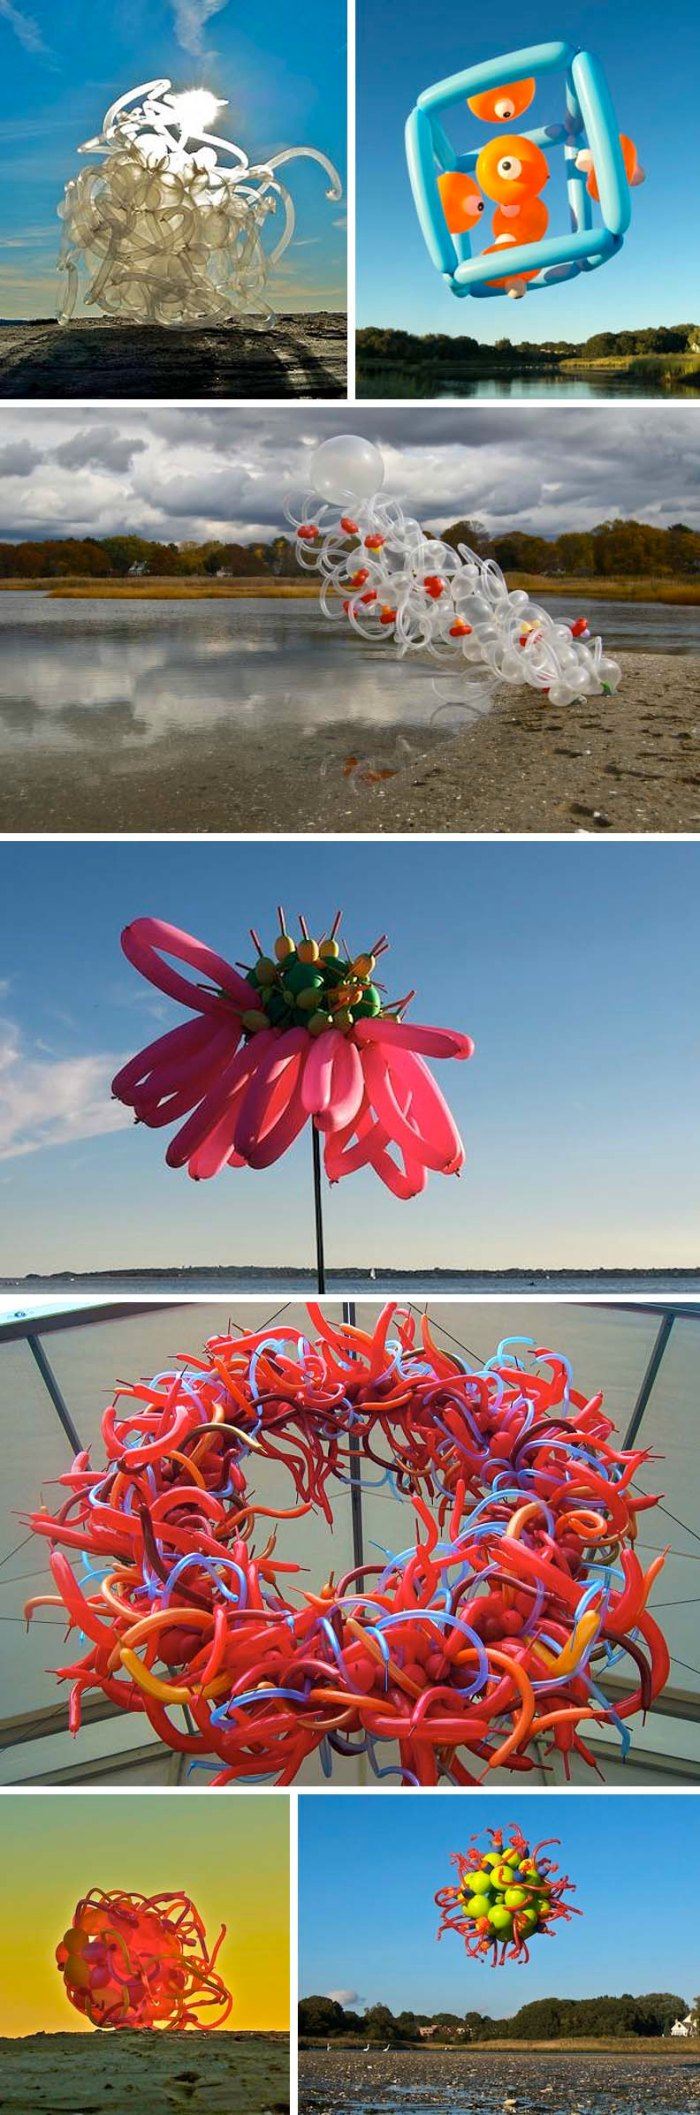 Janice Lee Kelly, Balloon Sculptures, Float, RISD alum, balloon installations and sculptures